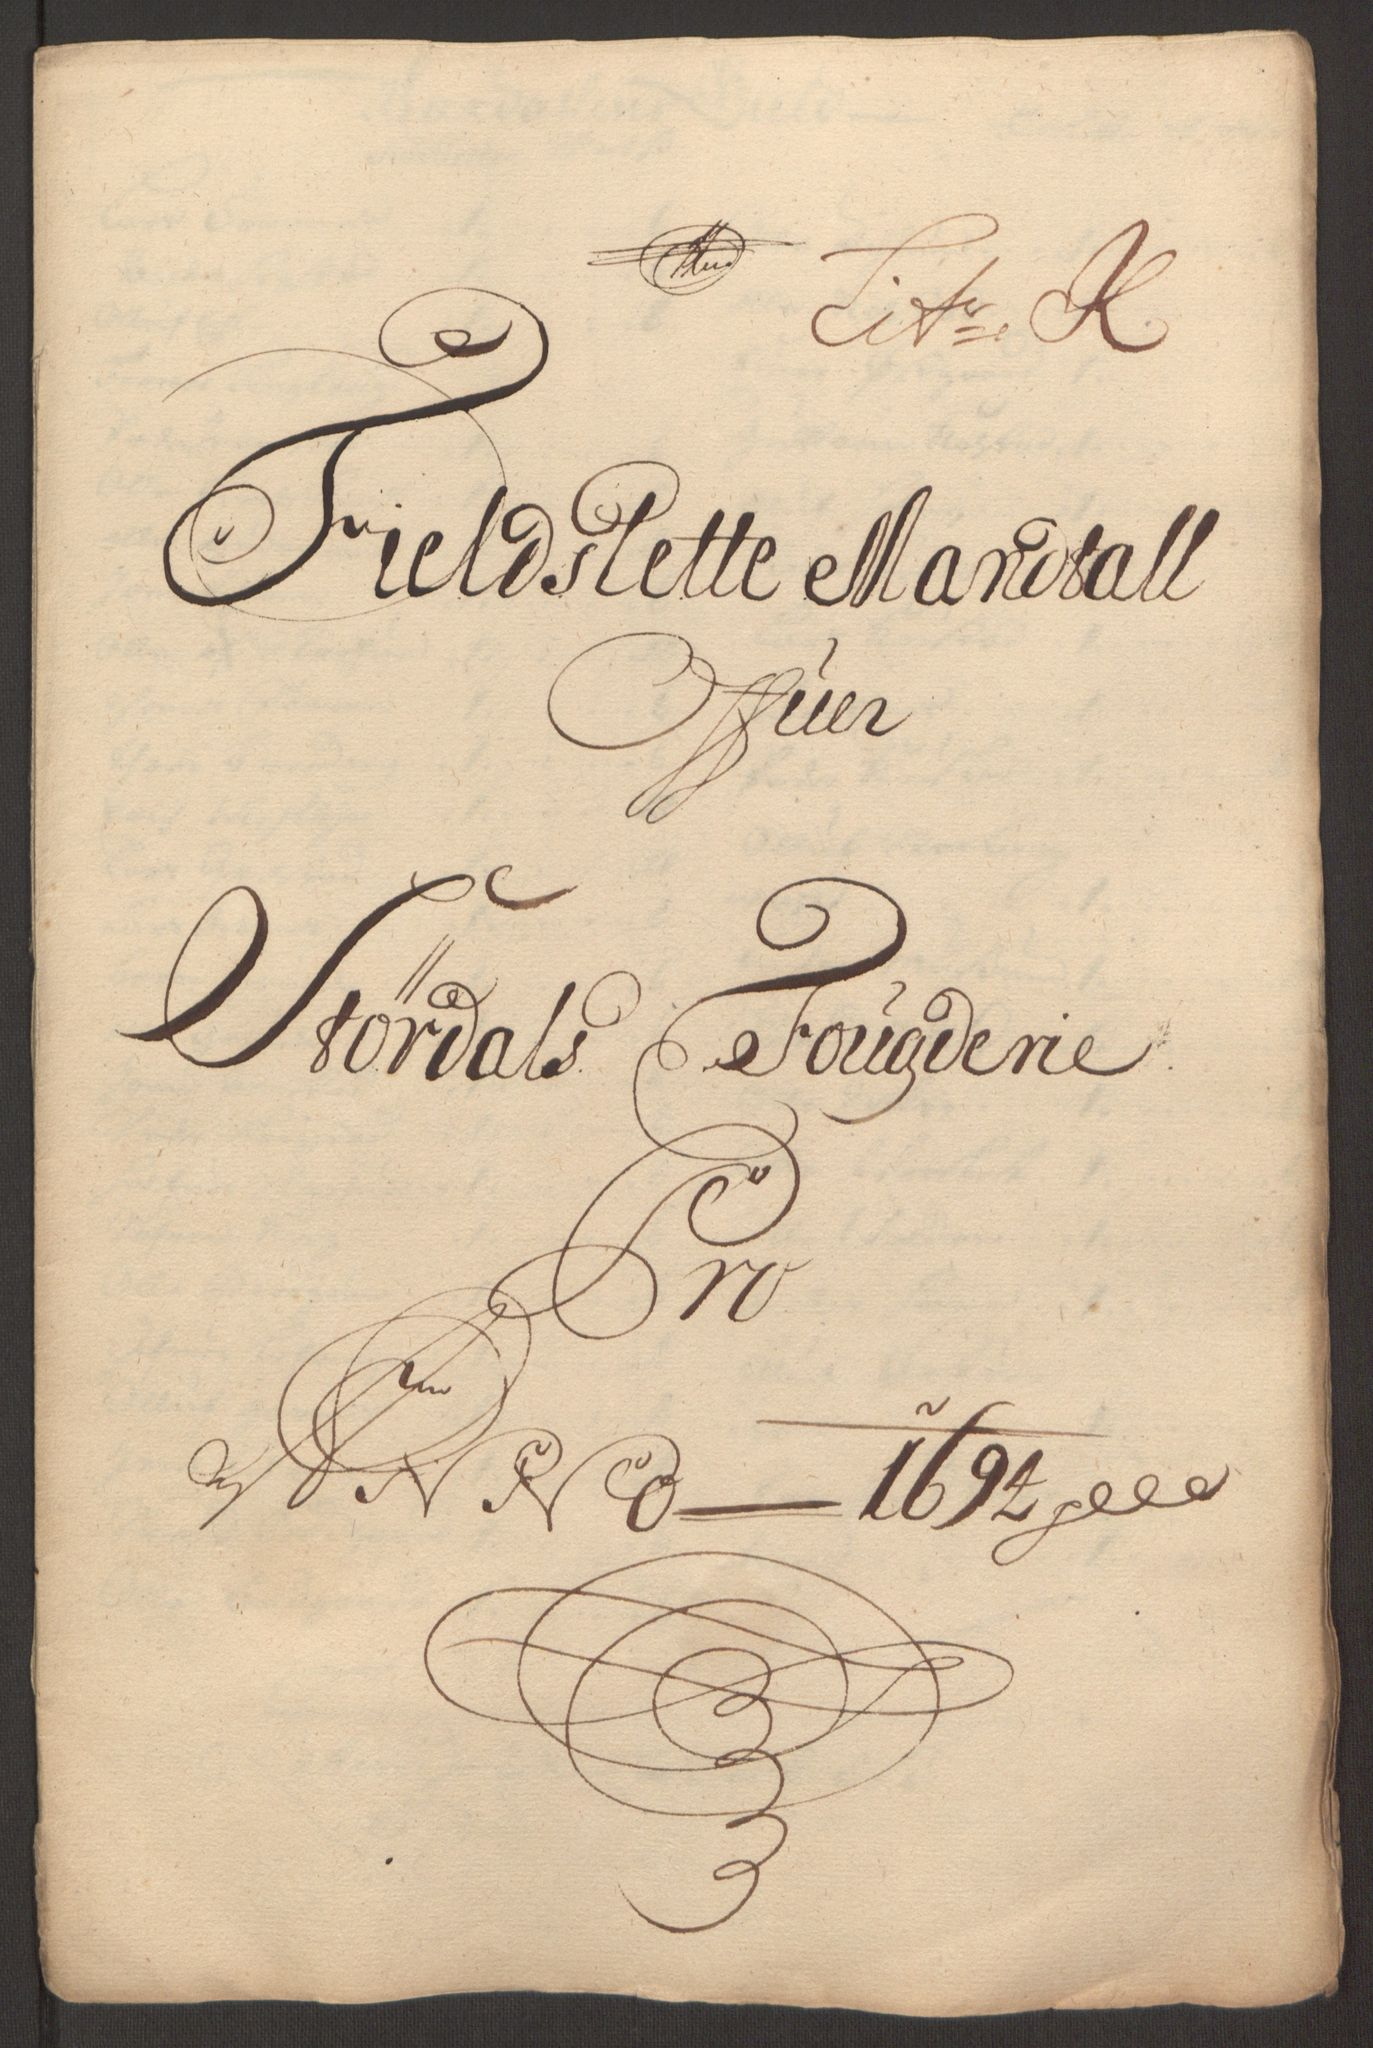 RA, Rentekammeret inntil 1814, Reviderte regnskaper, Fogderegnskap, R62/L4186: Fogderegnskap Stjørdal og Verdal, 1693-1694, s. 242